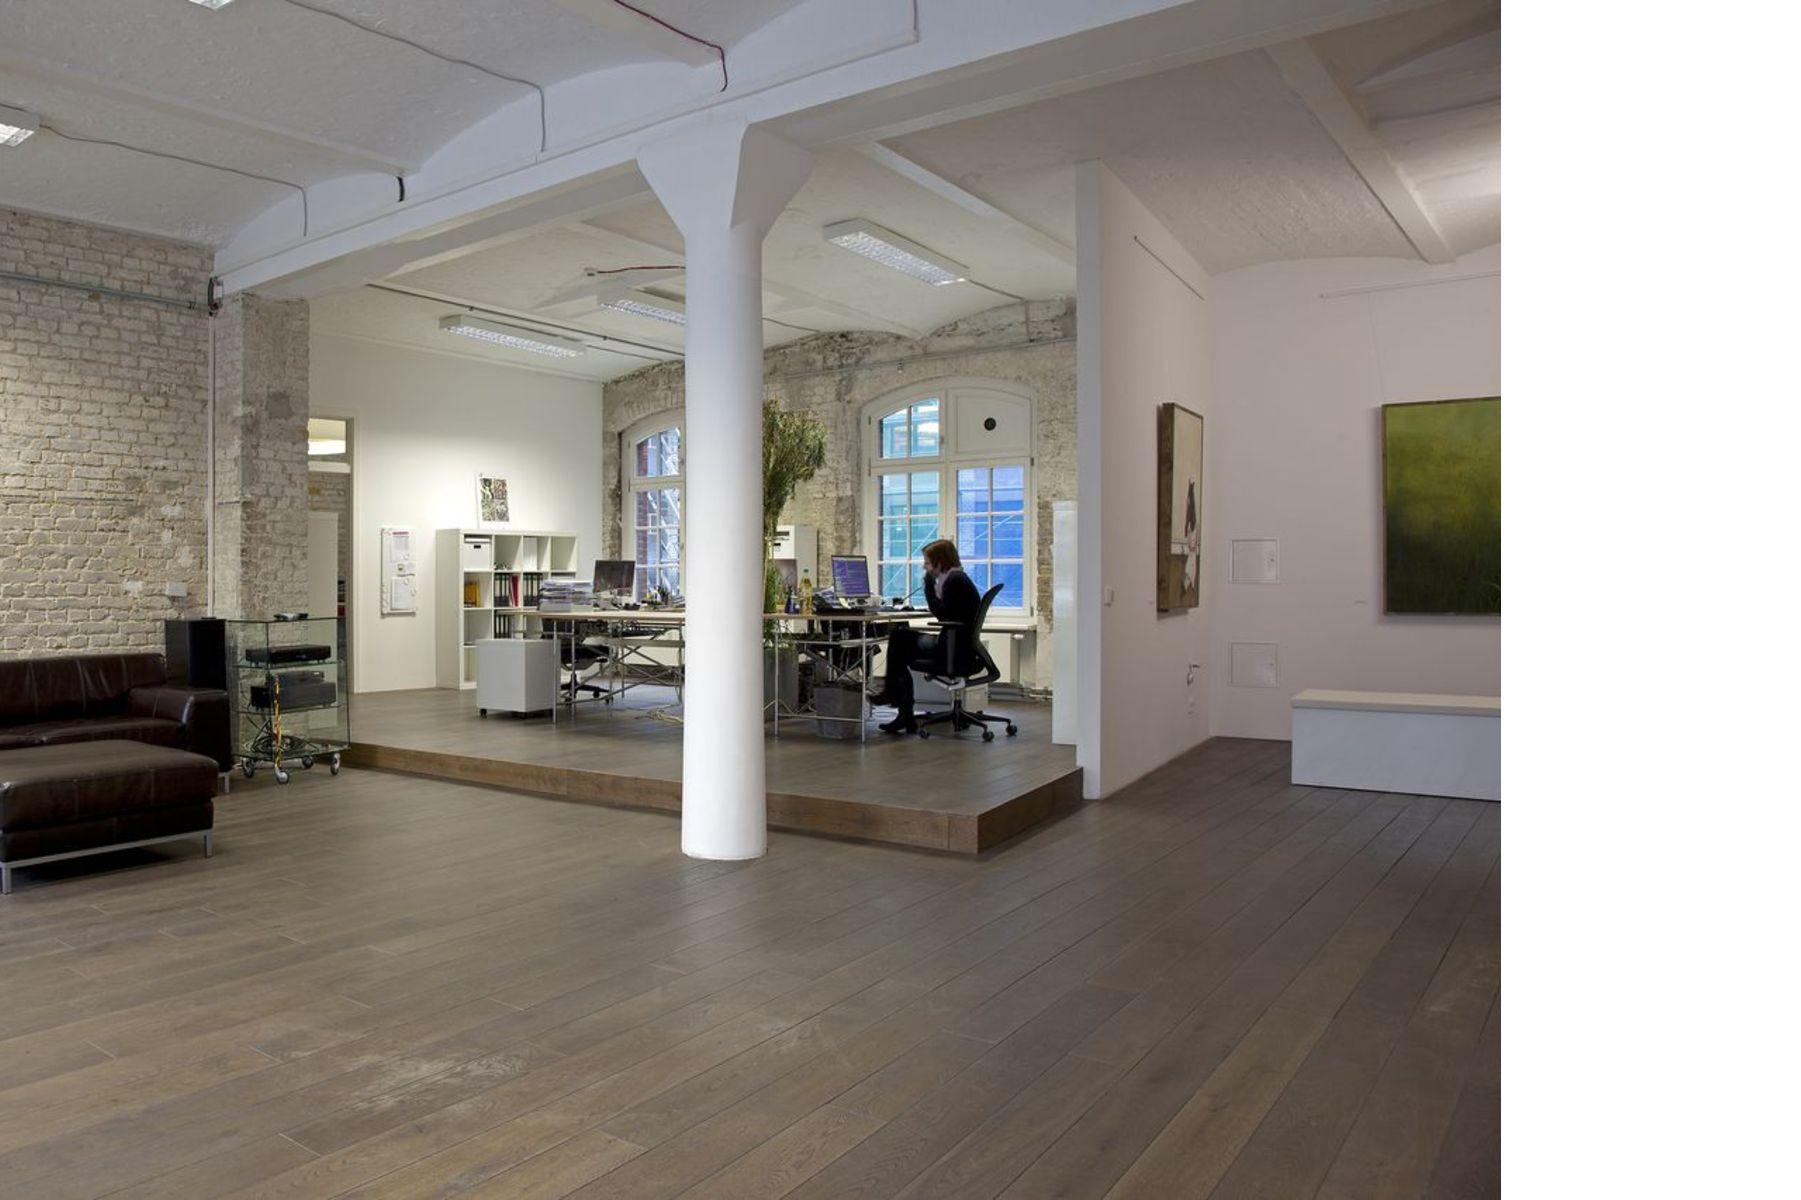 Fab architectural bureau berlin the new fiandre gallery in berlin